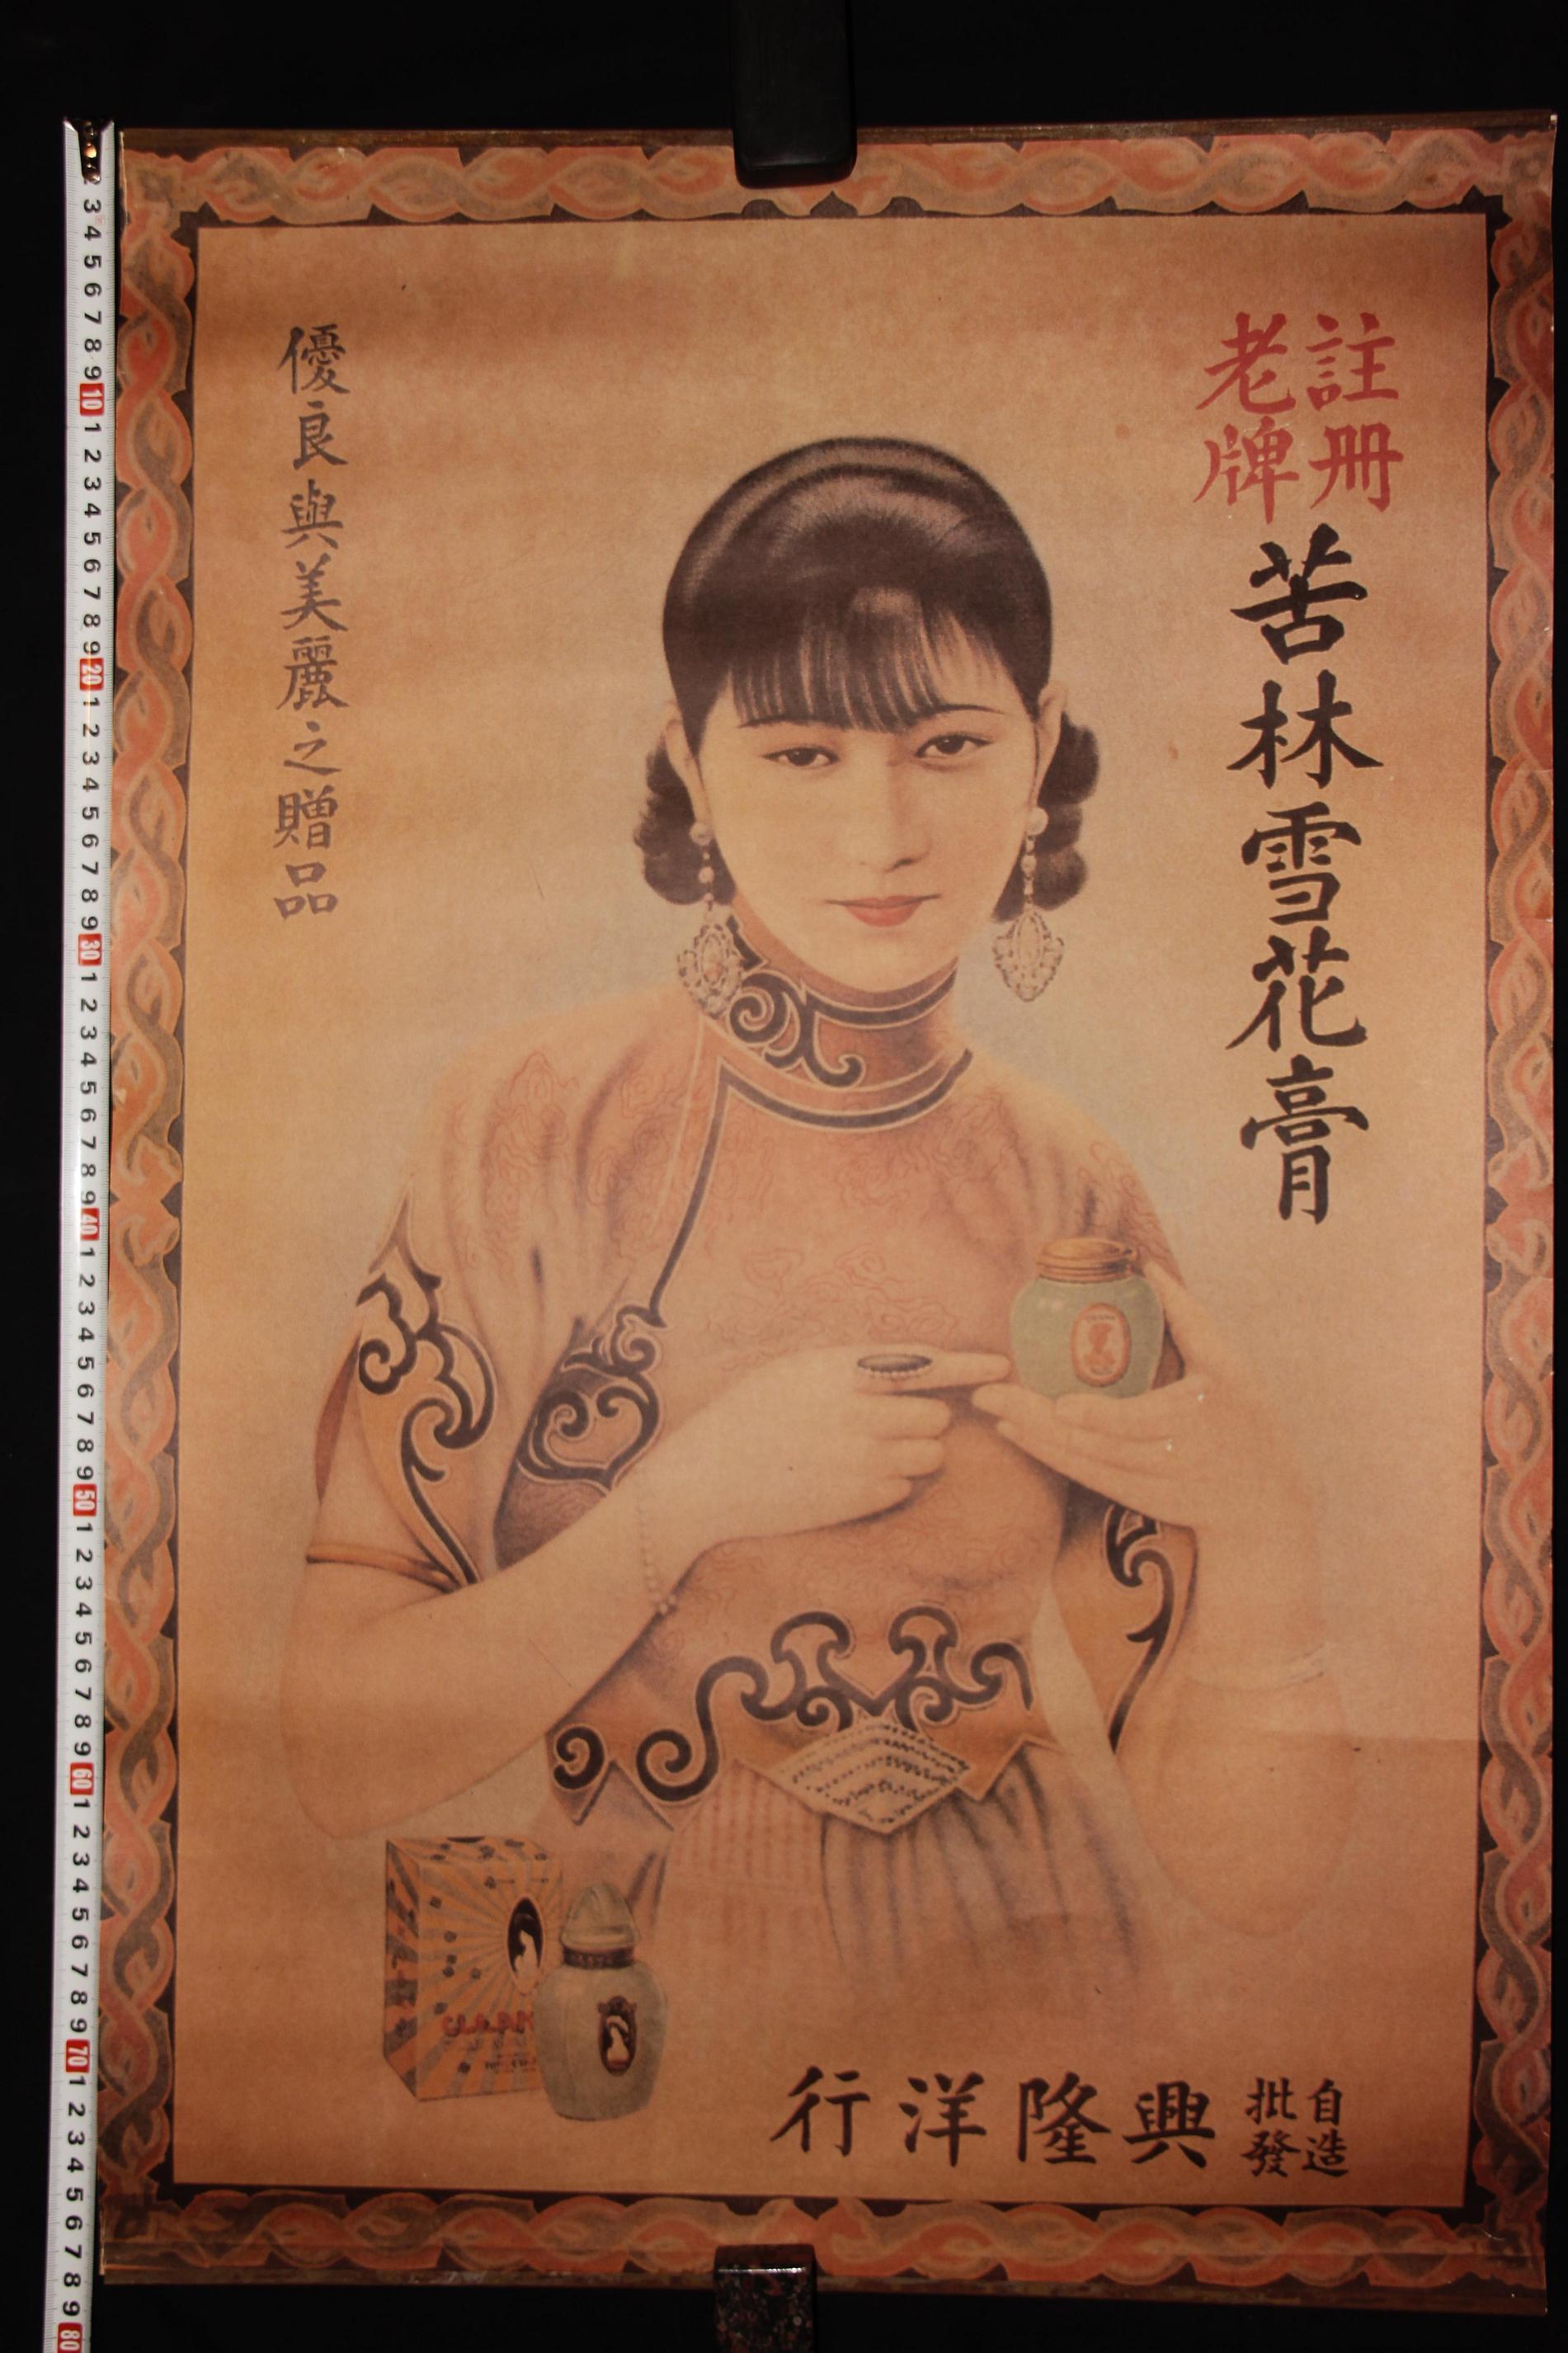 民国美女广告画一张 苦林雪花膏 对开彩印 78 51.5厘米 钓雪堂